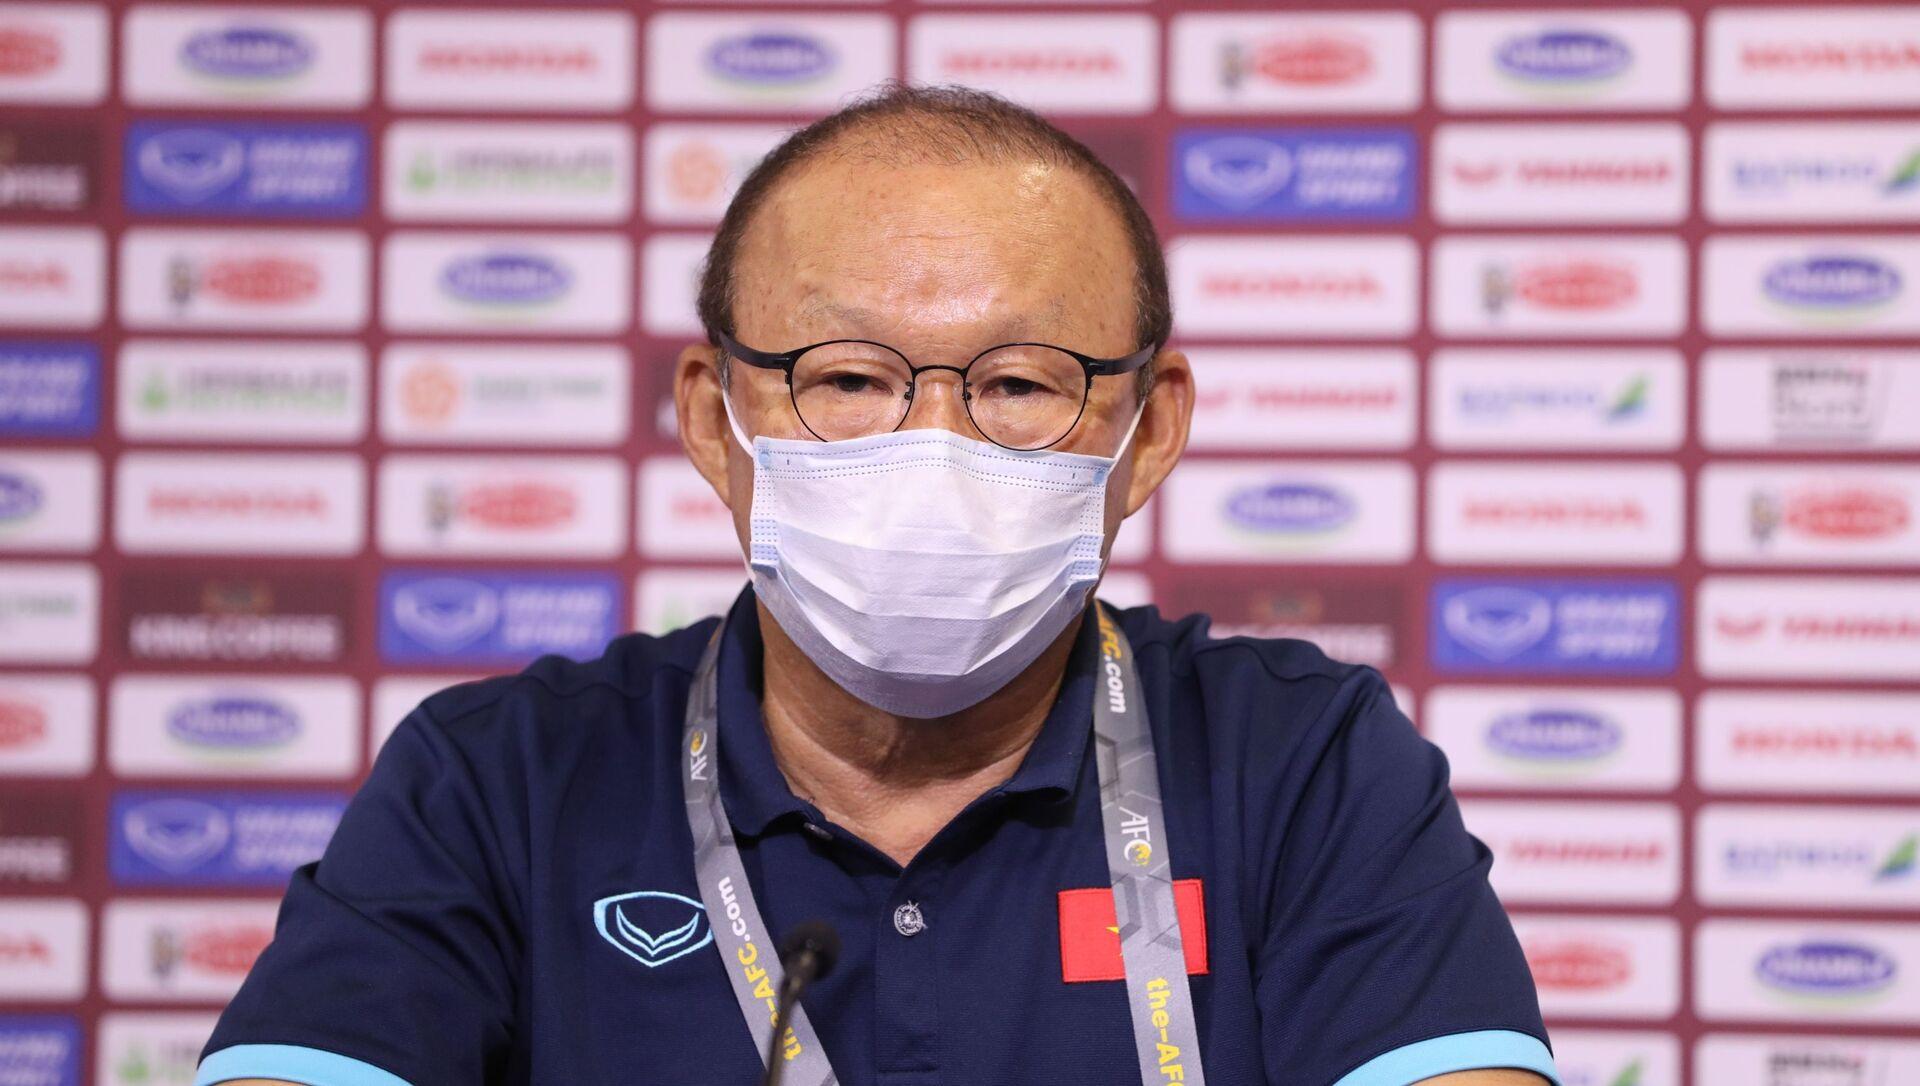 Vòng loại thứ 2 World Cup 2022 khu vực Châu Á: HLV Park Hang-seo đặt mục tiêu thắng UAE - Sputnik Việt Nam, 1920, 12.06.2021